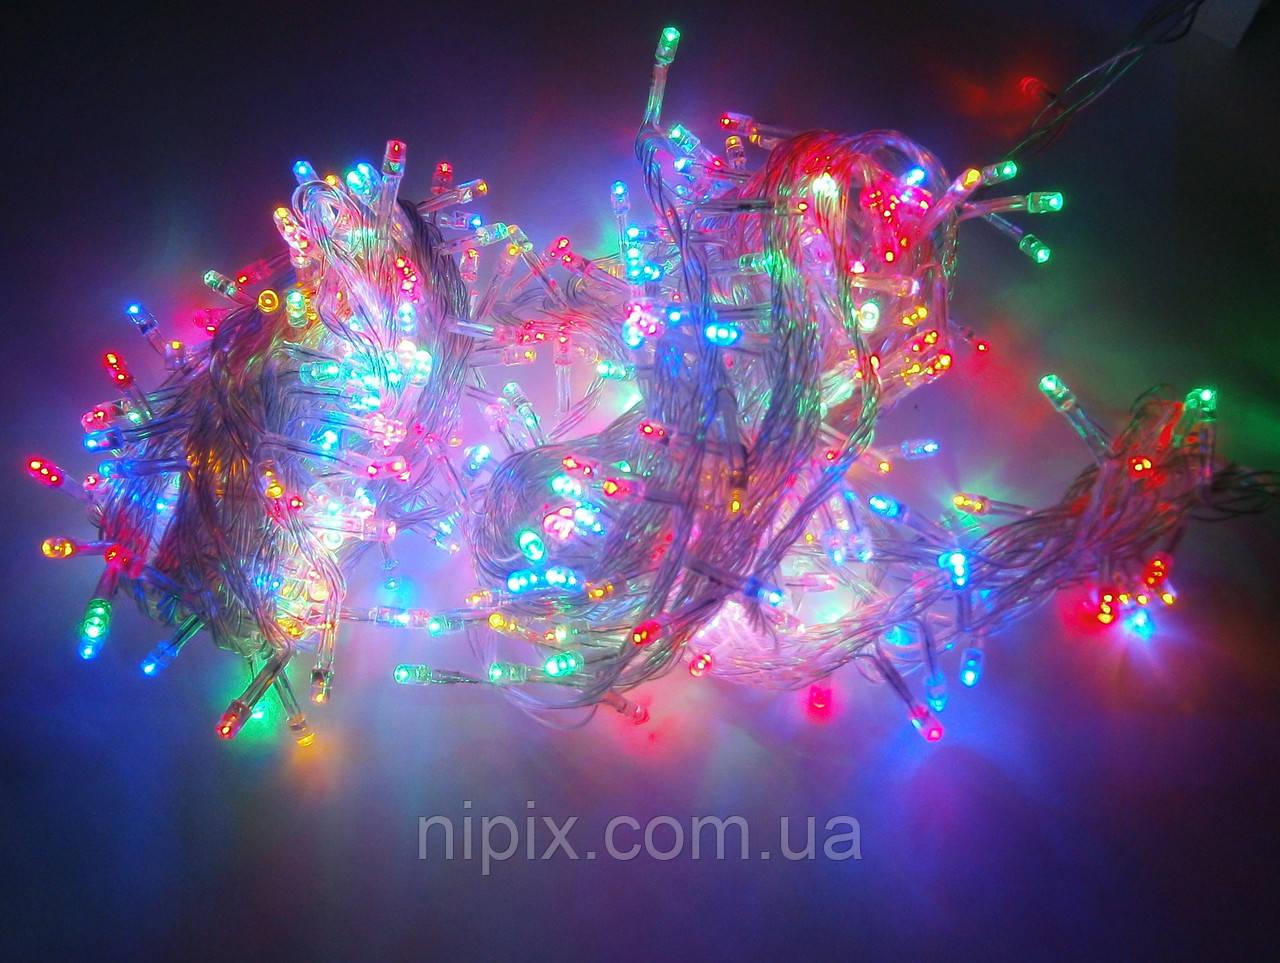 Гирлянда LED 100 лампочек на 6,5 м цветная